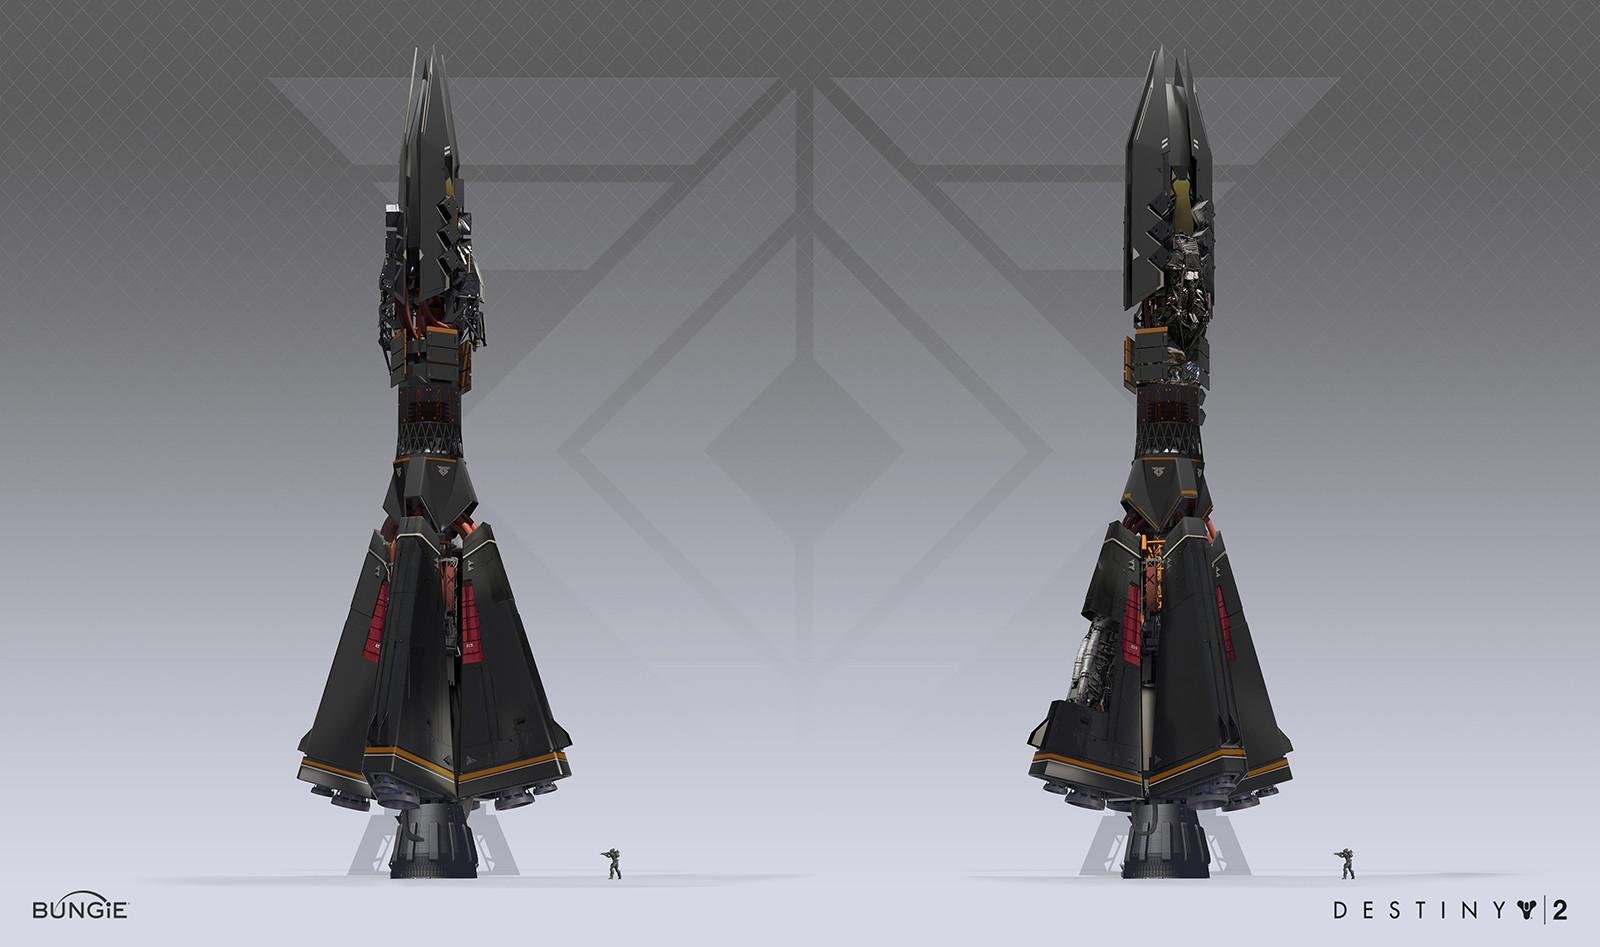 Sung choi seraph rocket sung choi 1600px